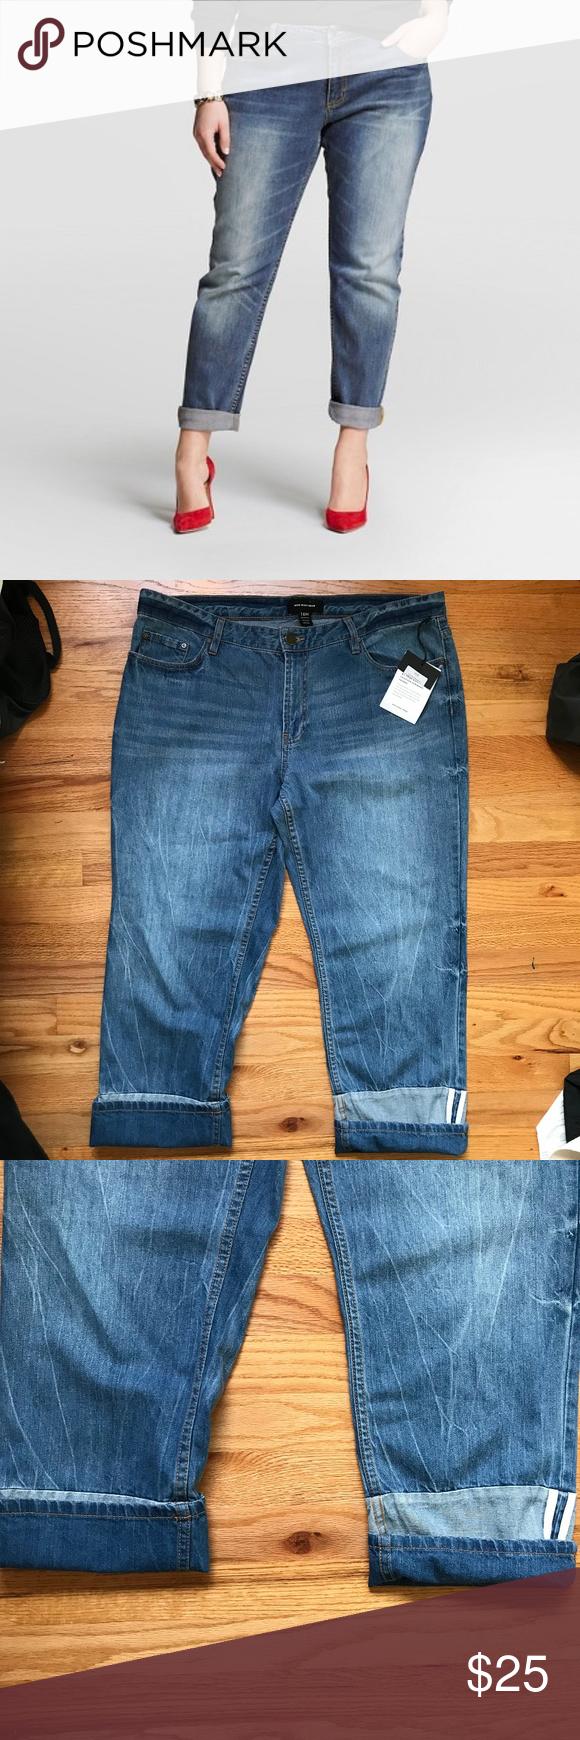 b07653ea13a Who What Wear Plus Size Boyfriend Jeans Who What Wear Plus Size Denim  Boyfriend Style Jeans